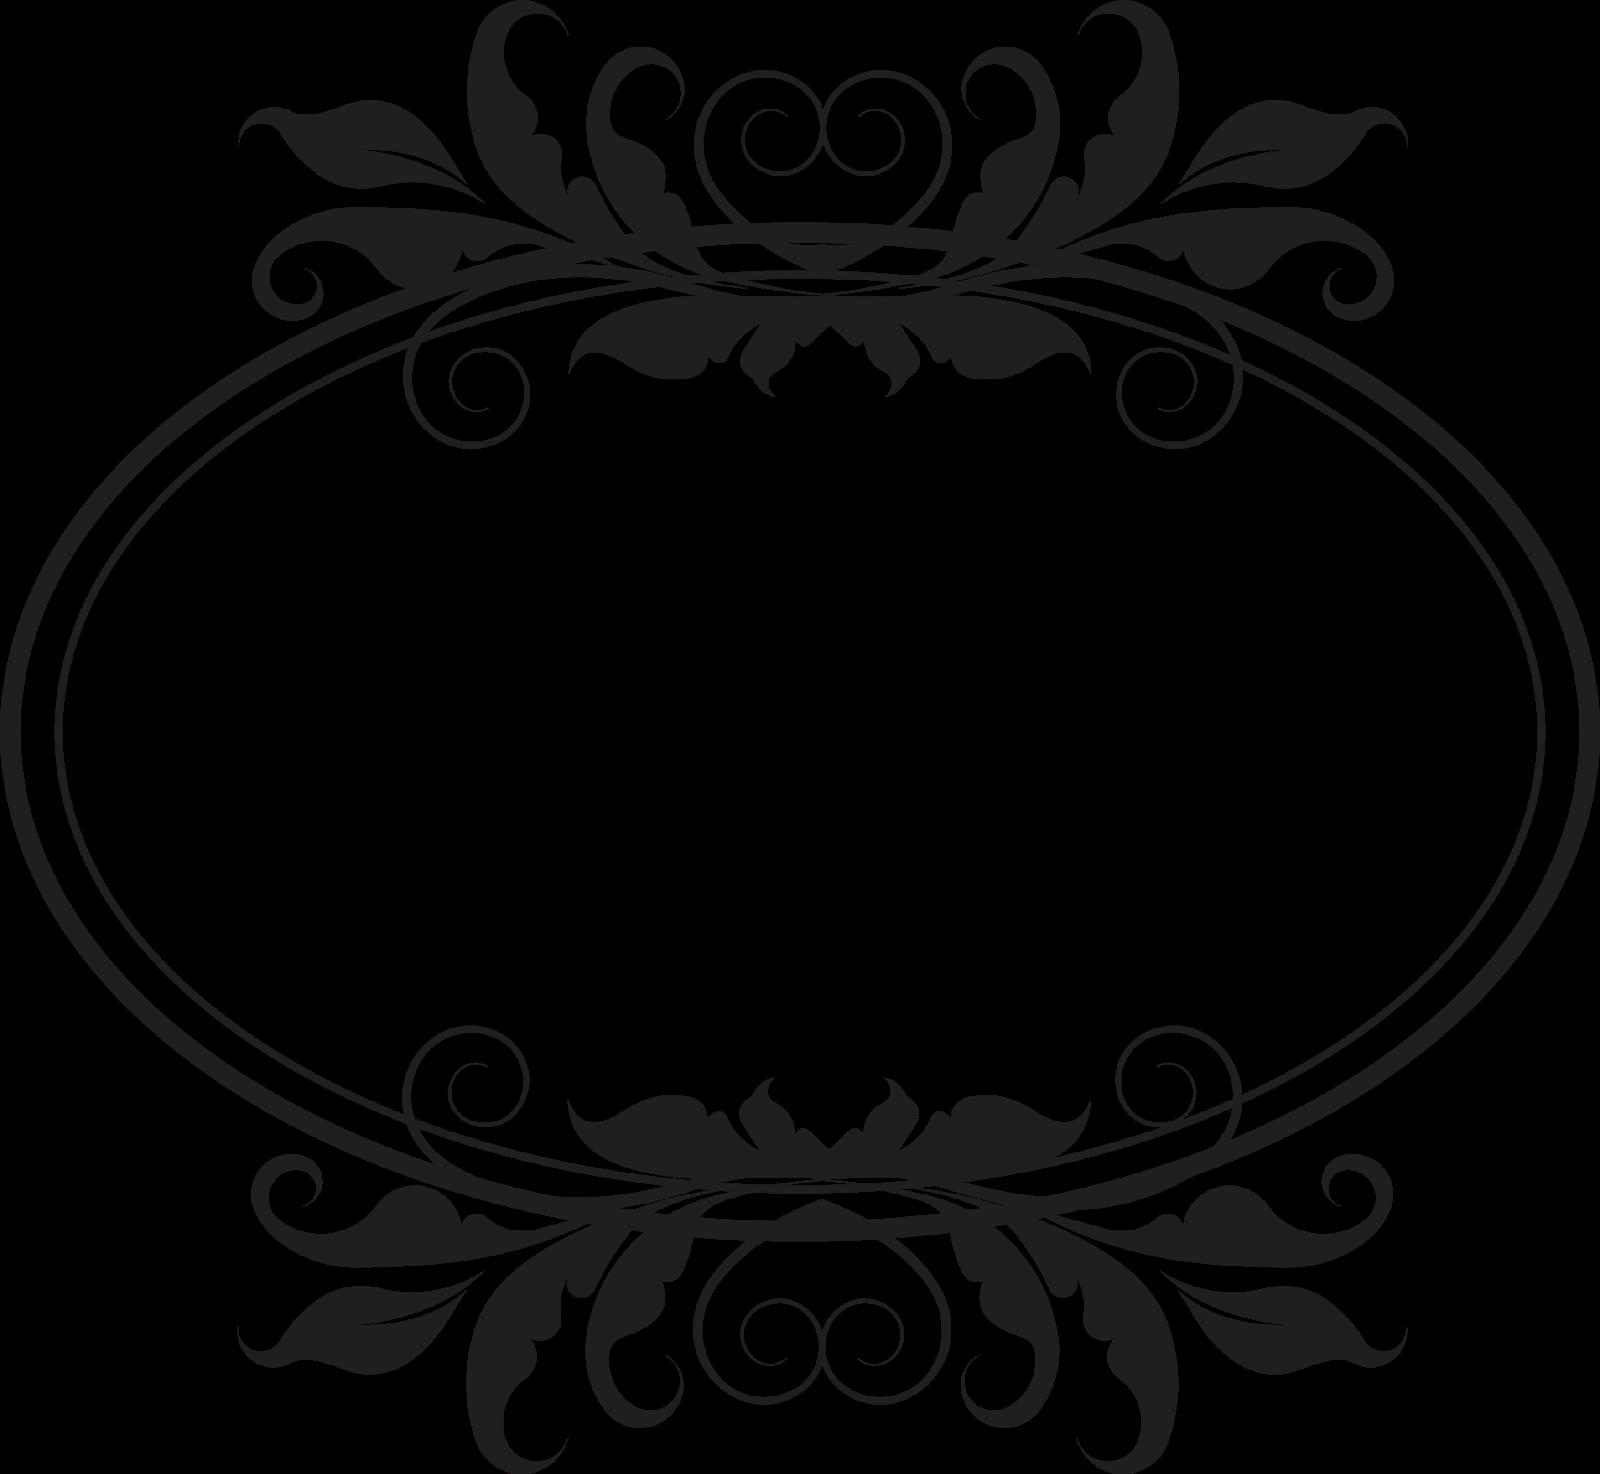 Pin De Blanka Dolinar Em Png: Pin De Annelise Faria Em Decoração